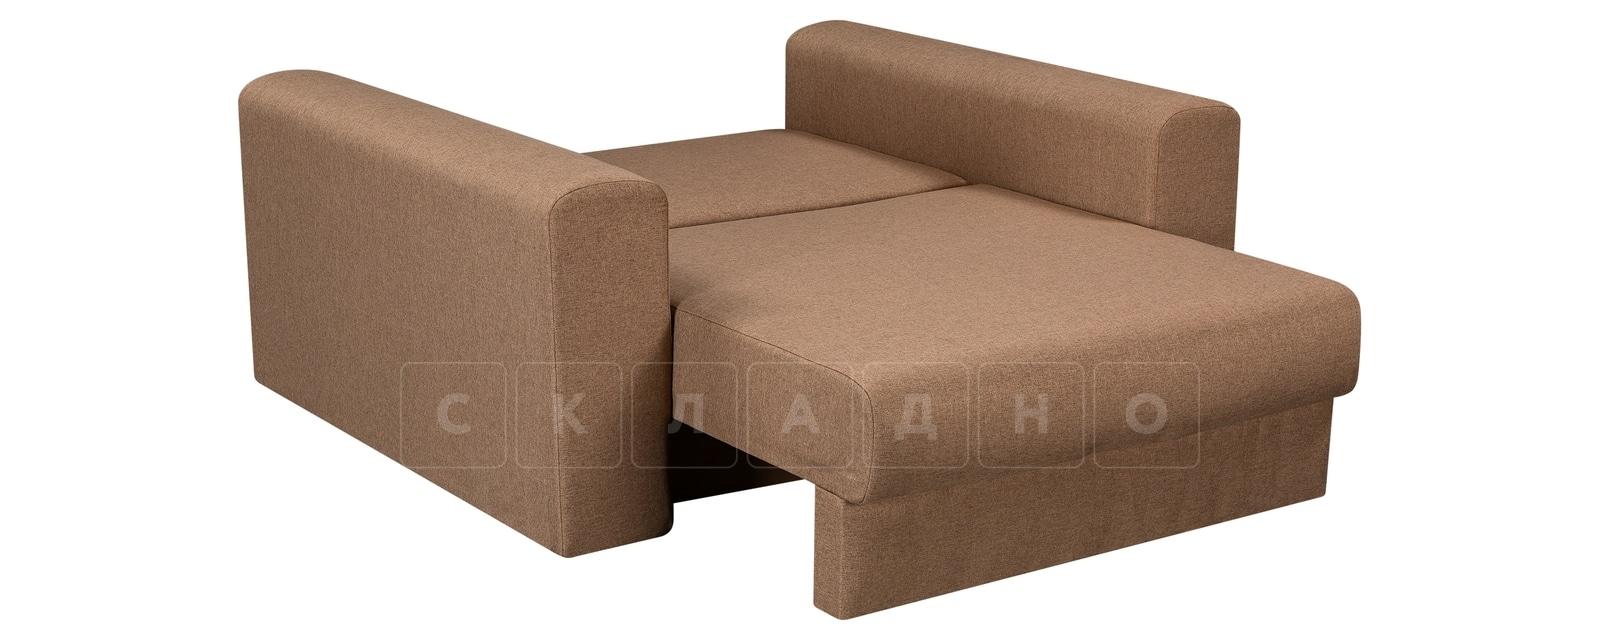 Кресло Медисон 100см коричневого цвета фото 4 | интернет-магазин Складно